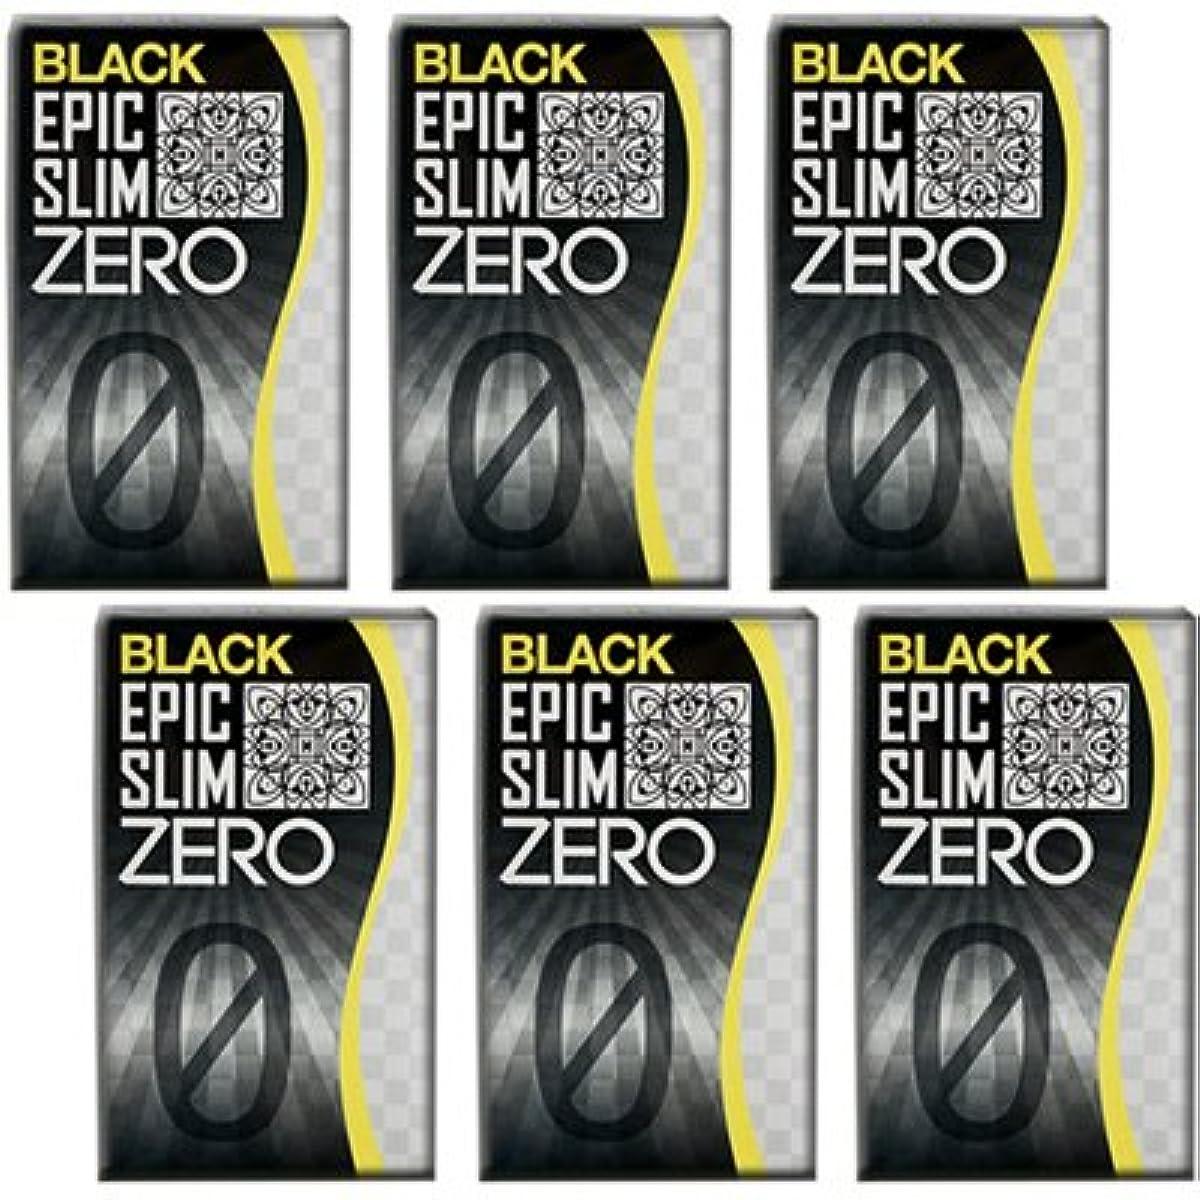 ソート音声学あそこブラック エピックスリム ゼロ ブラック 6個セット!  Epic Slim ZERO BLACK ×6個